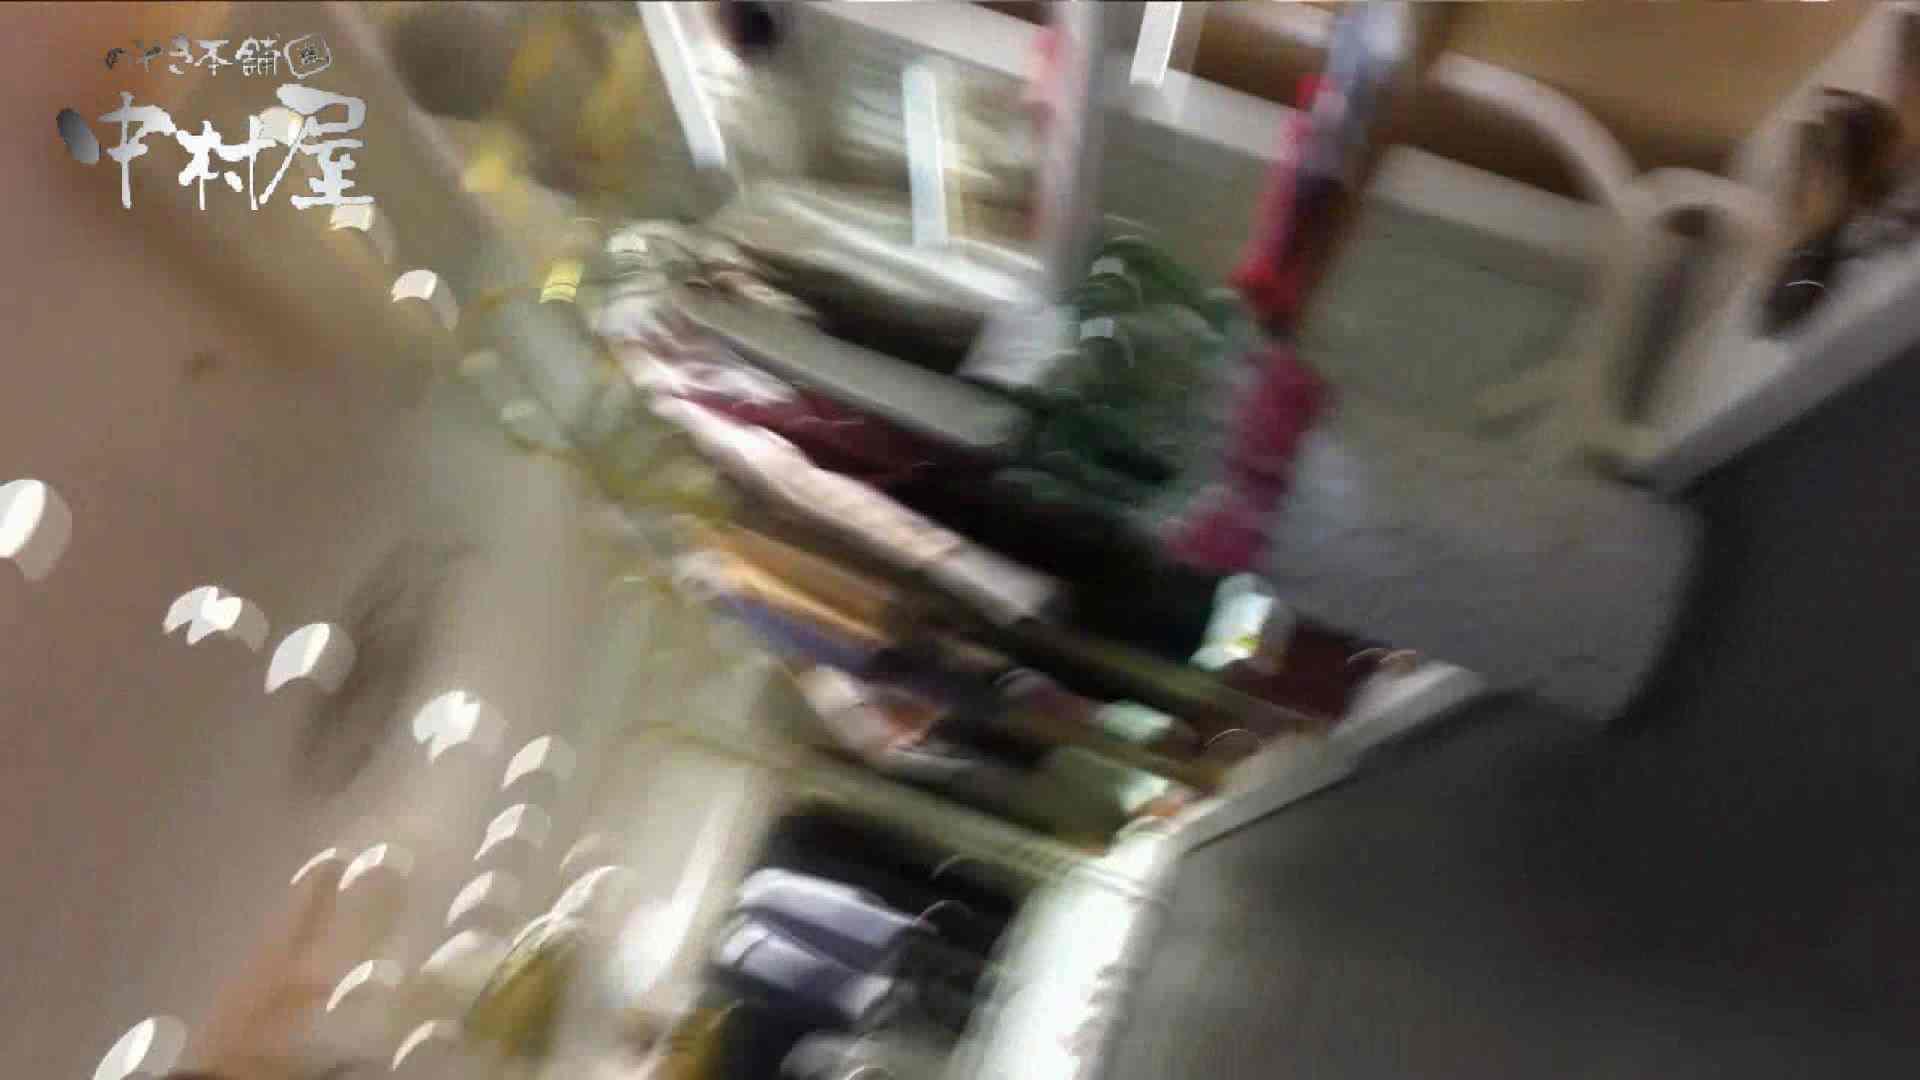 vol.57 美人アパレル胸チラ&パンチラ 激カワ店員のおっぱい 接写 おまんこ動画流出 99pic 58